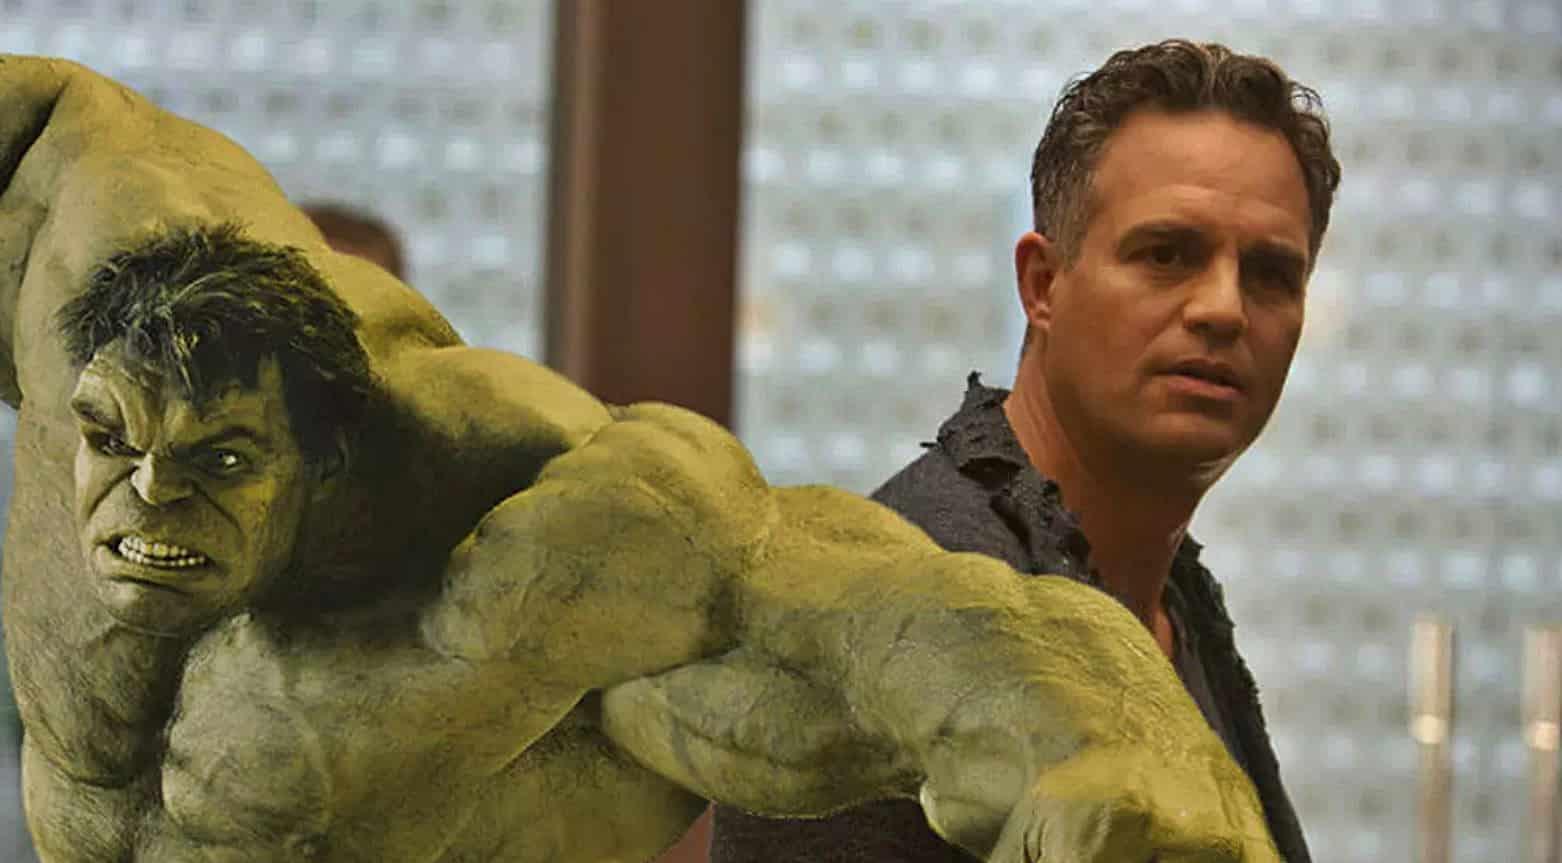 Mark Ruffalo Avengers 4 Hulk